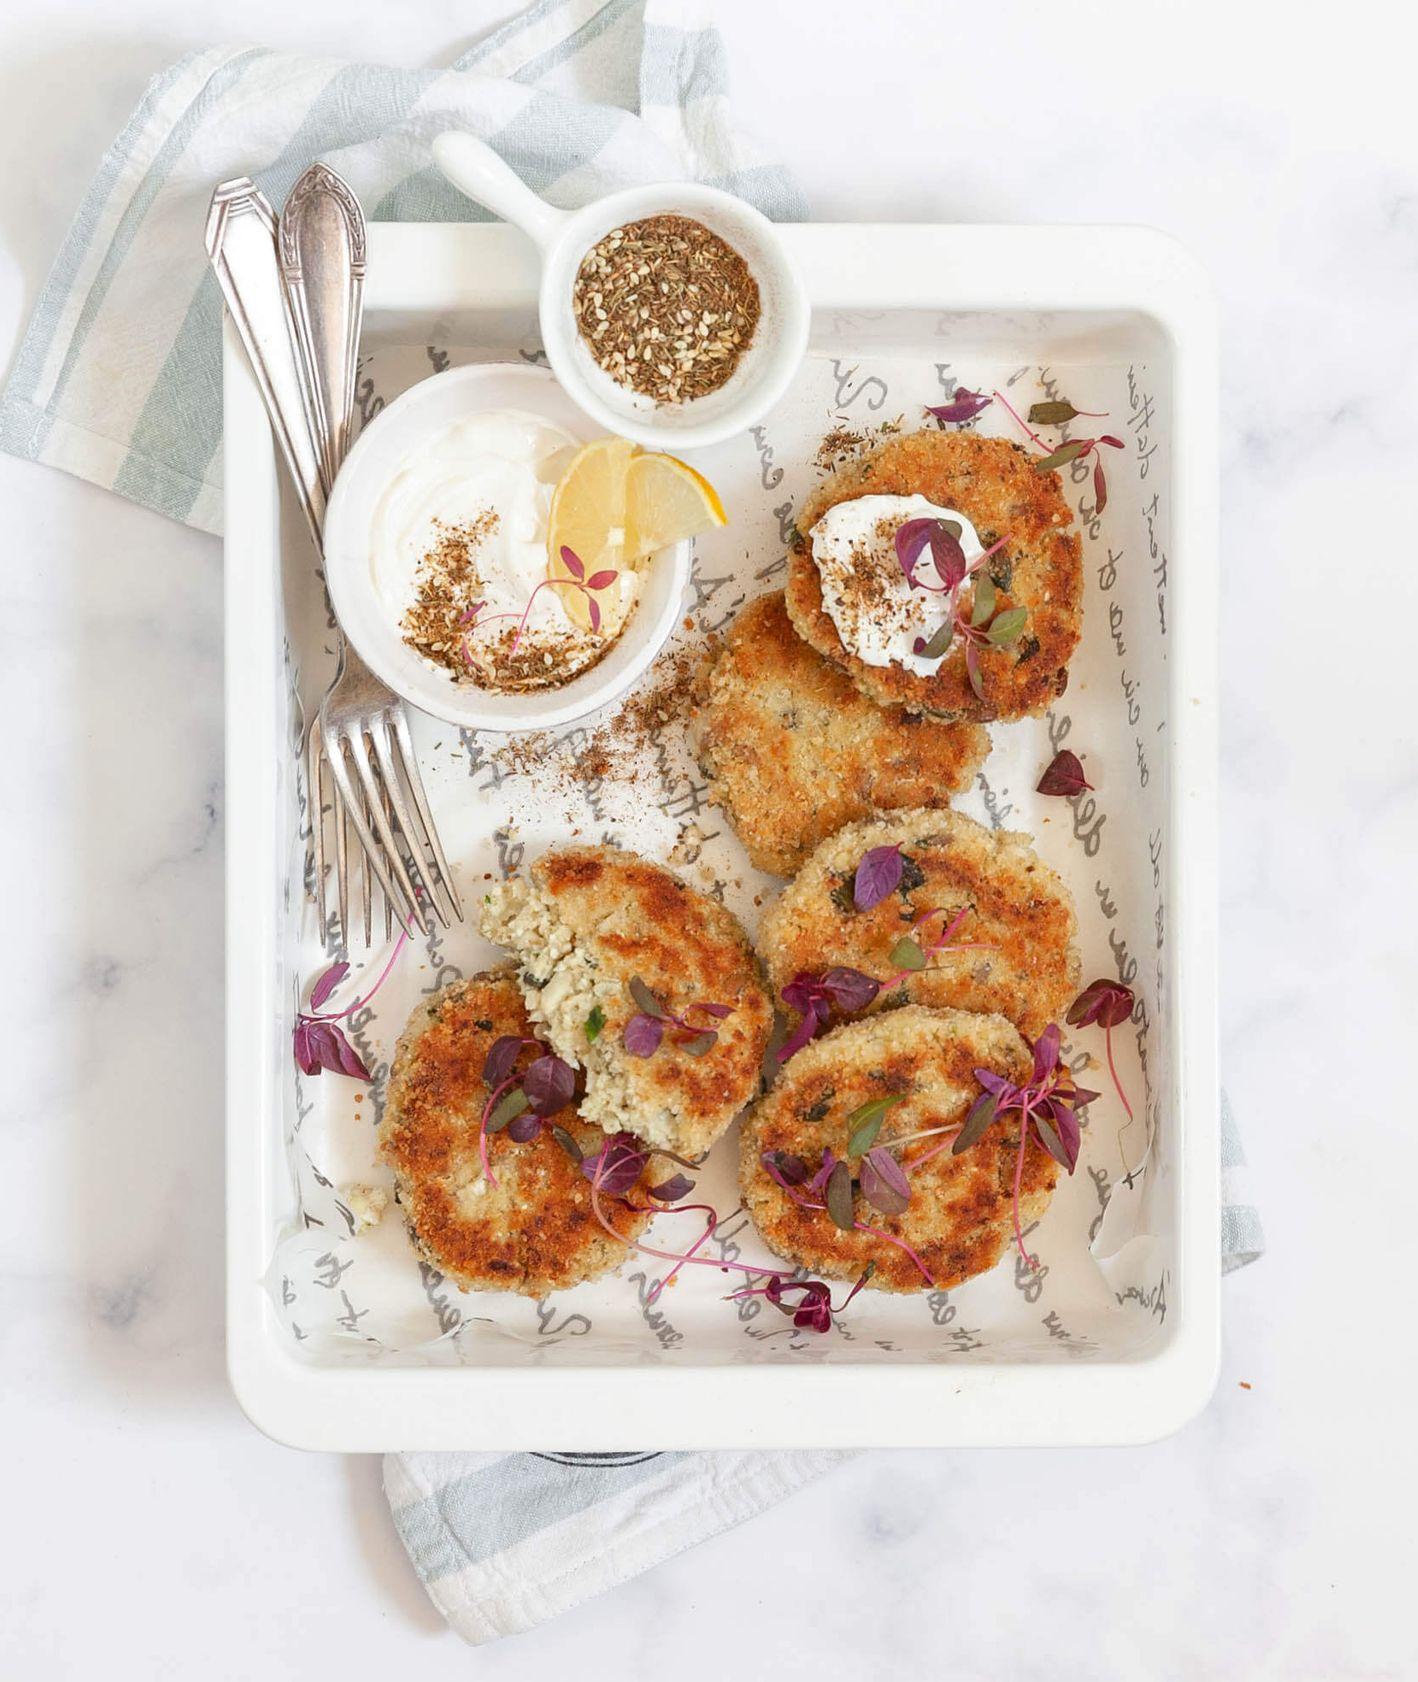 Szybkie placuszki z kalafiora - obiad dla dzieci (fot. Kinga Ciszewska / Małe kulinaria)